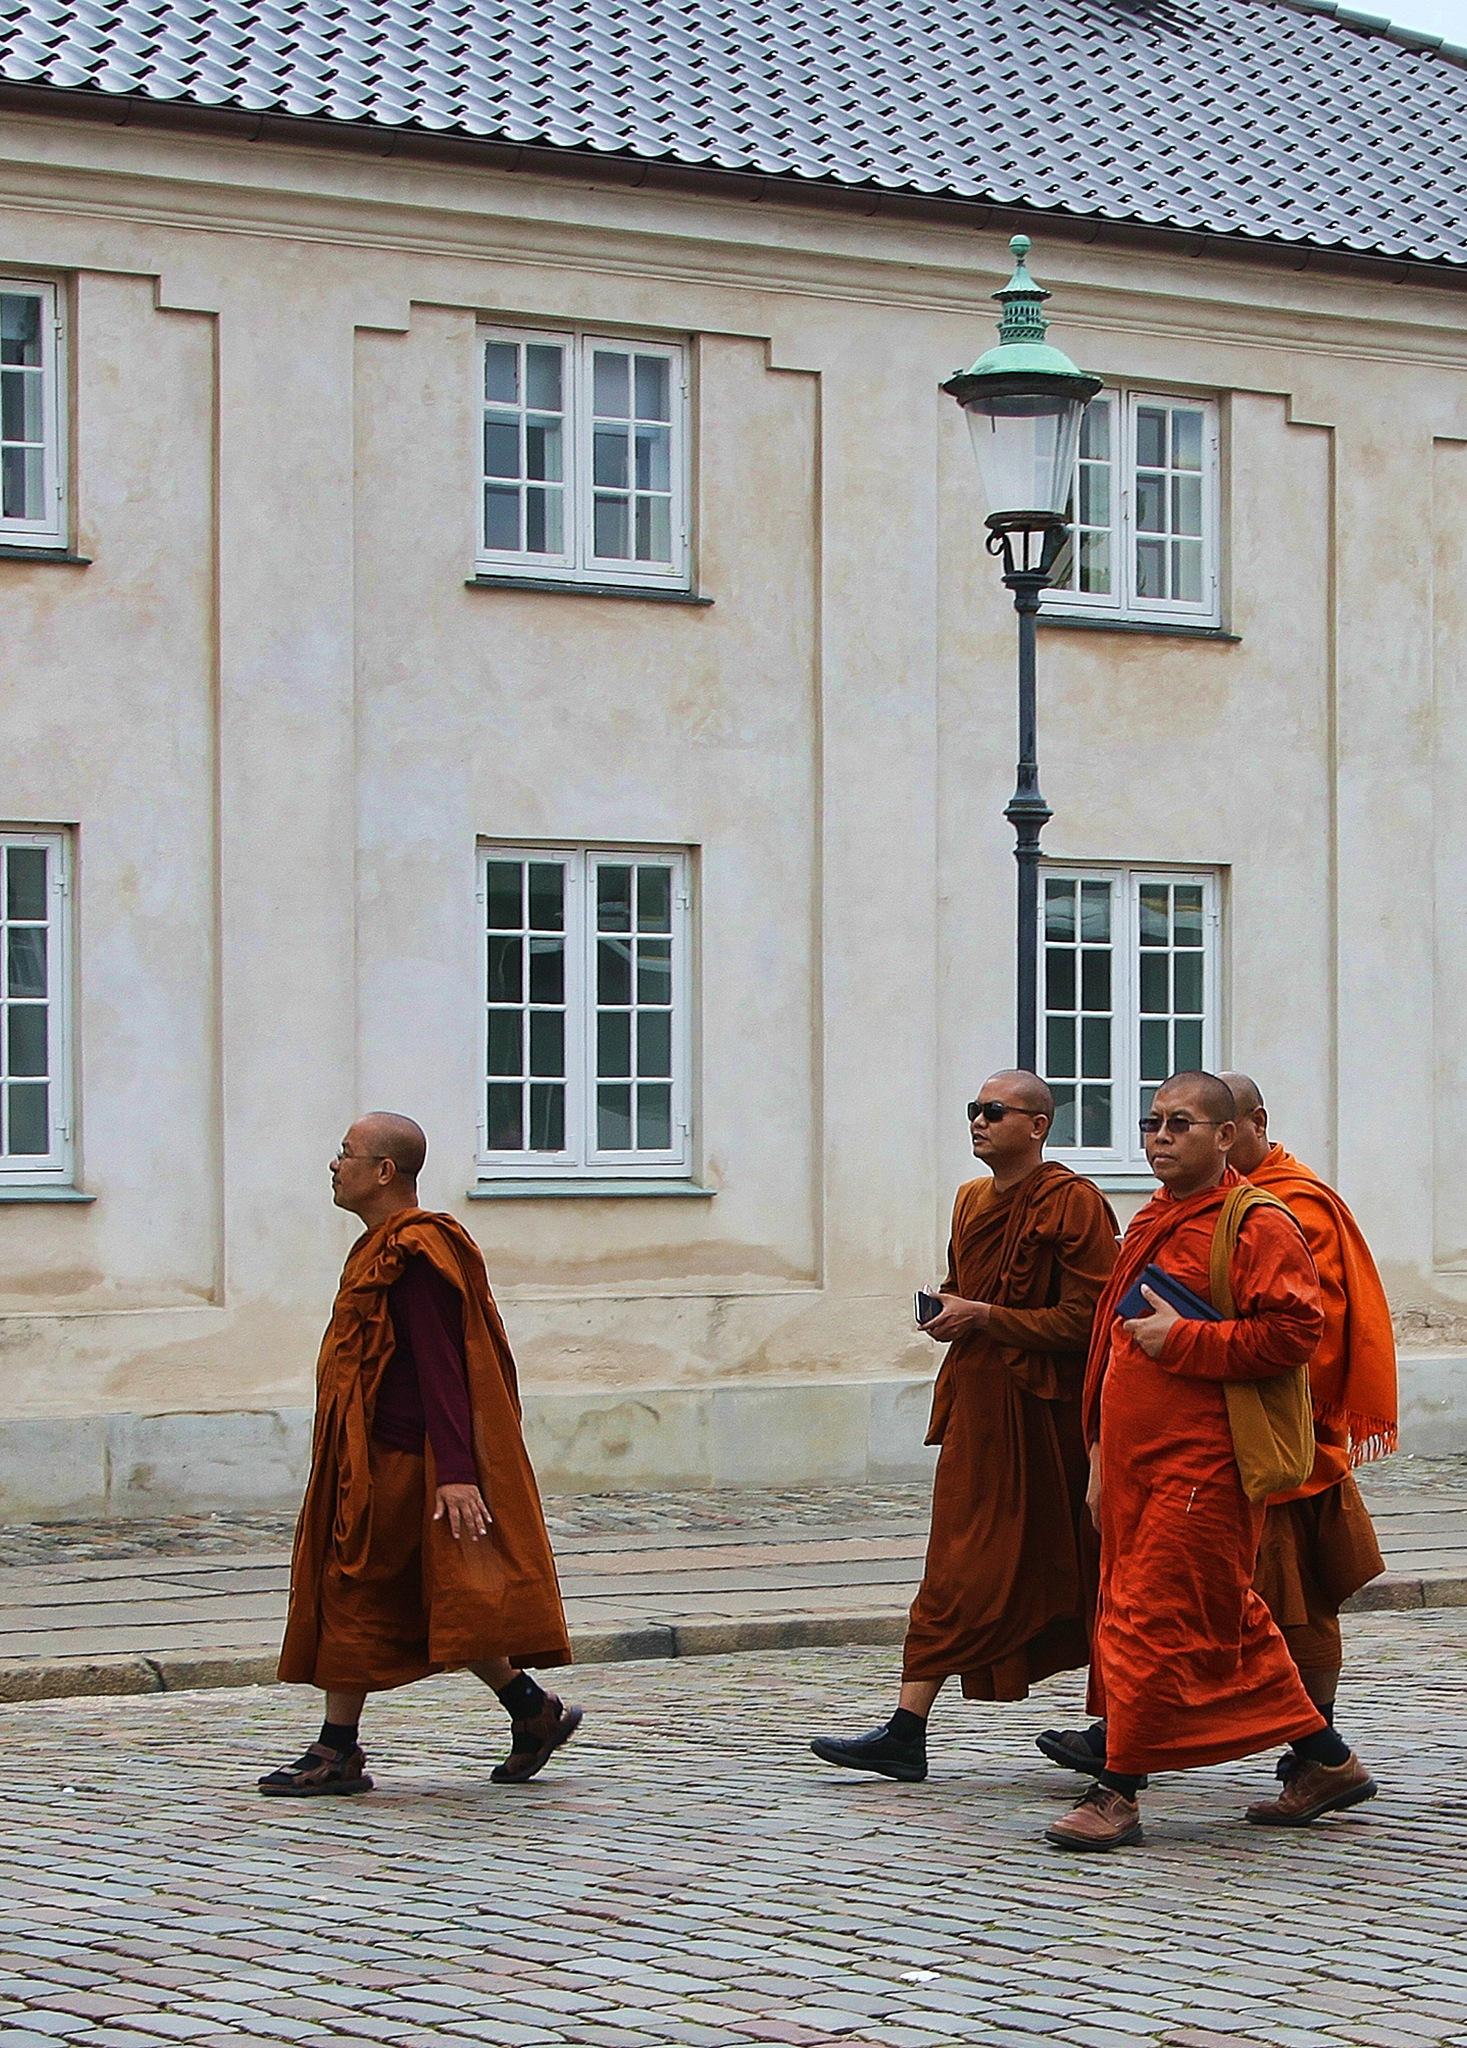 Saffron robes. by geofftodhunter